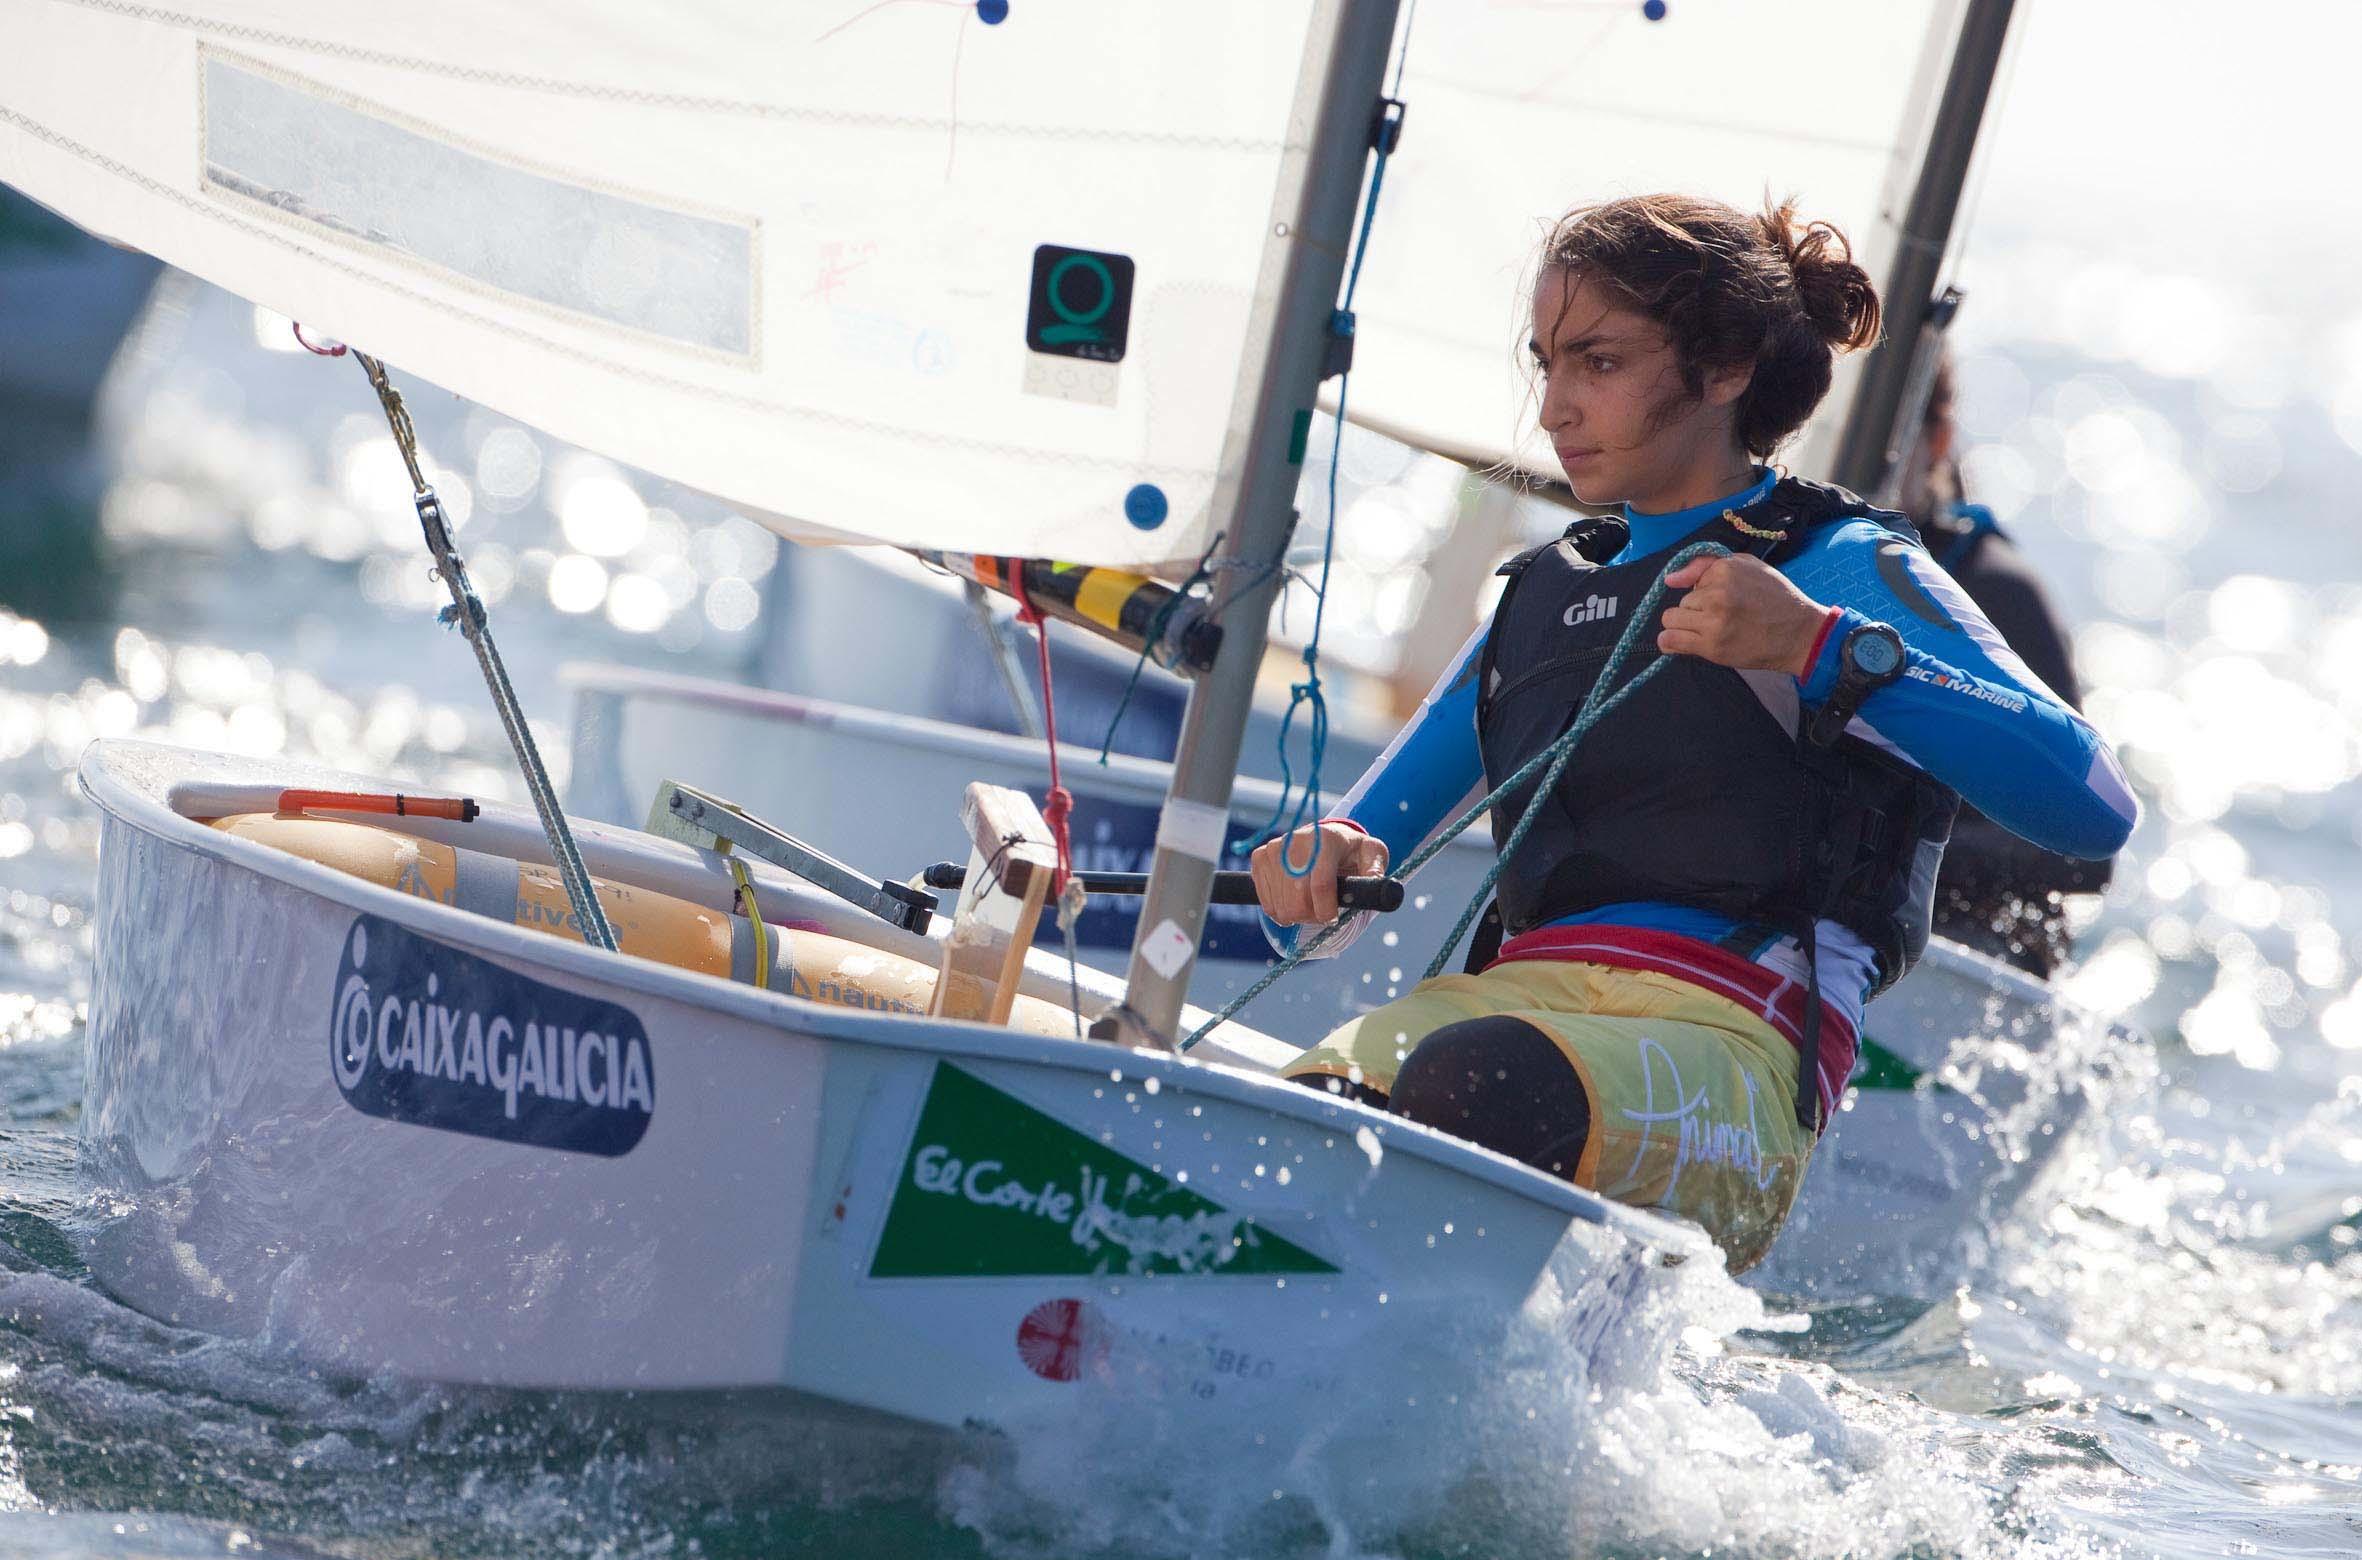 XXV Príncipe de Asturias Gran Premio Caixa Galicia